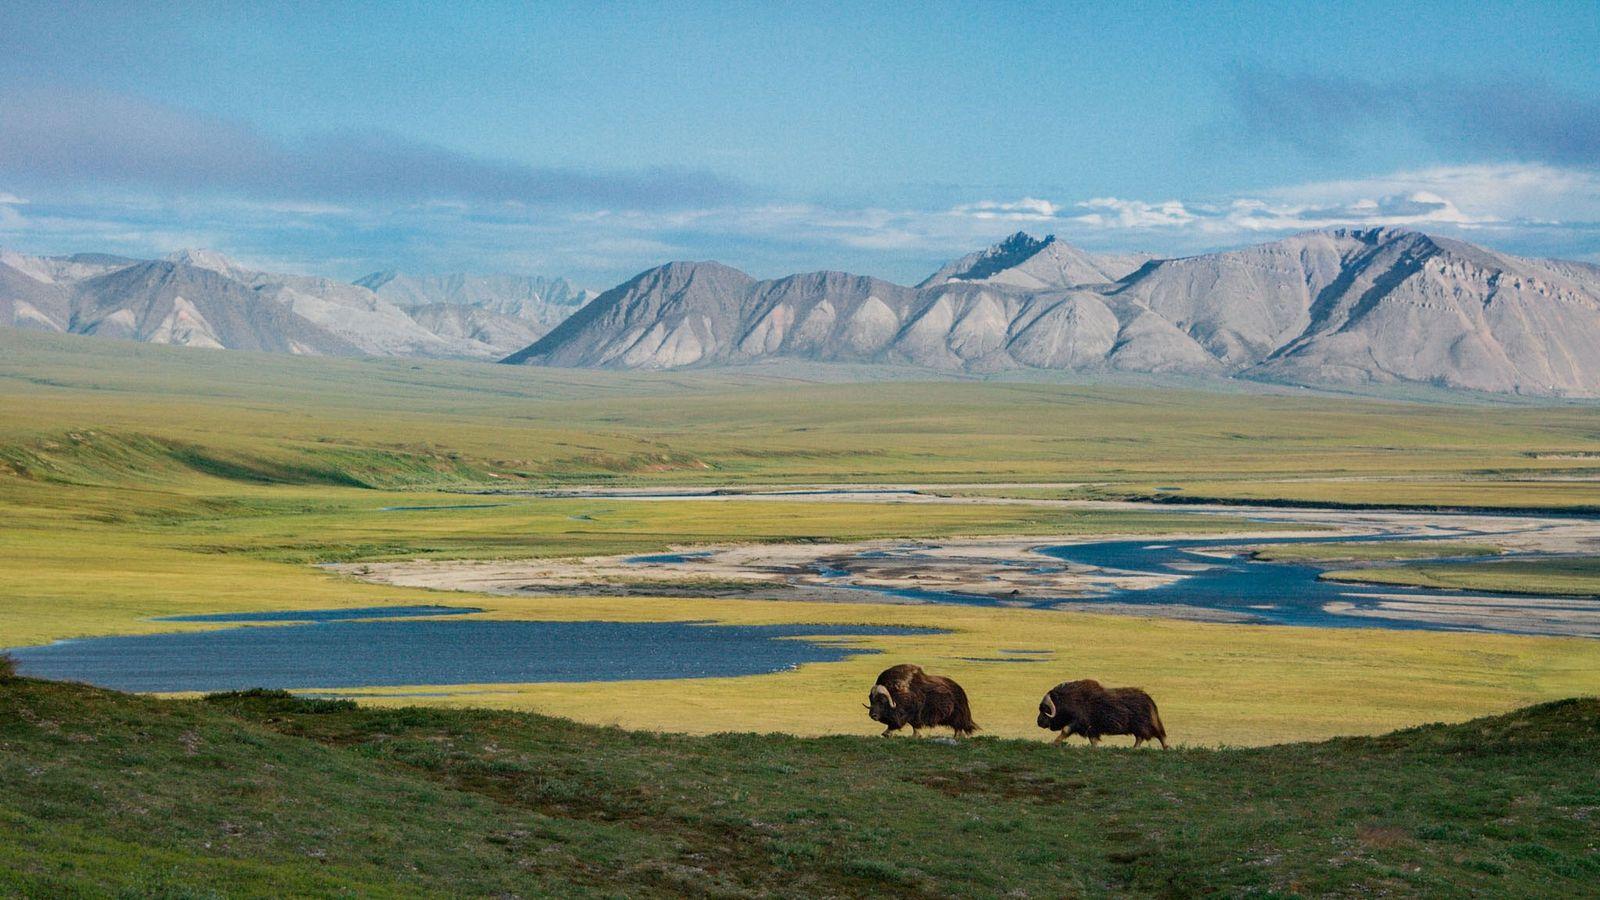 Deux bœufs musqués baguenaudent dans un paysage vierge de toute trace humaine. Les monts Sadlerochit se ...